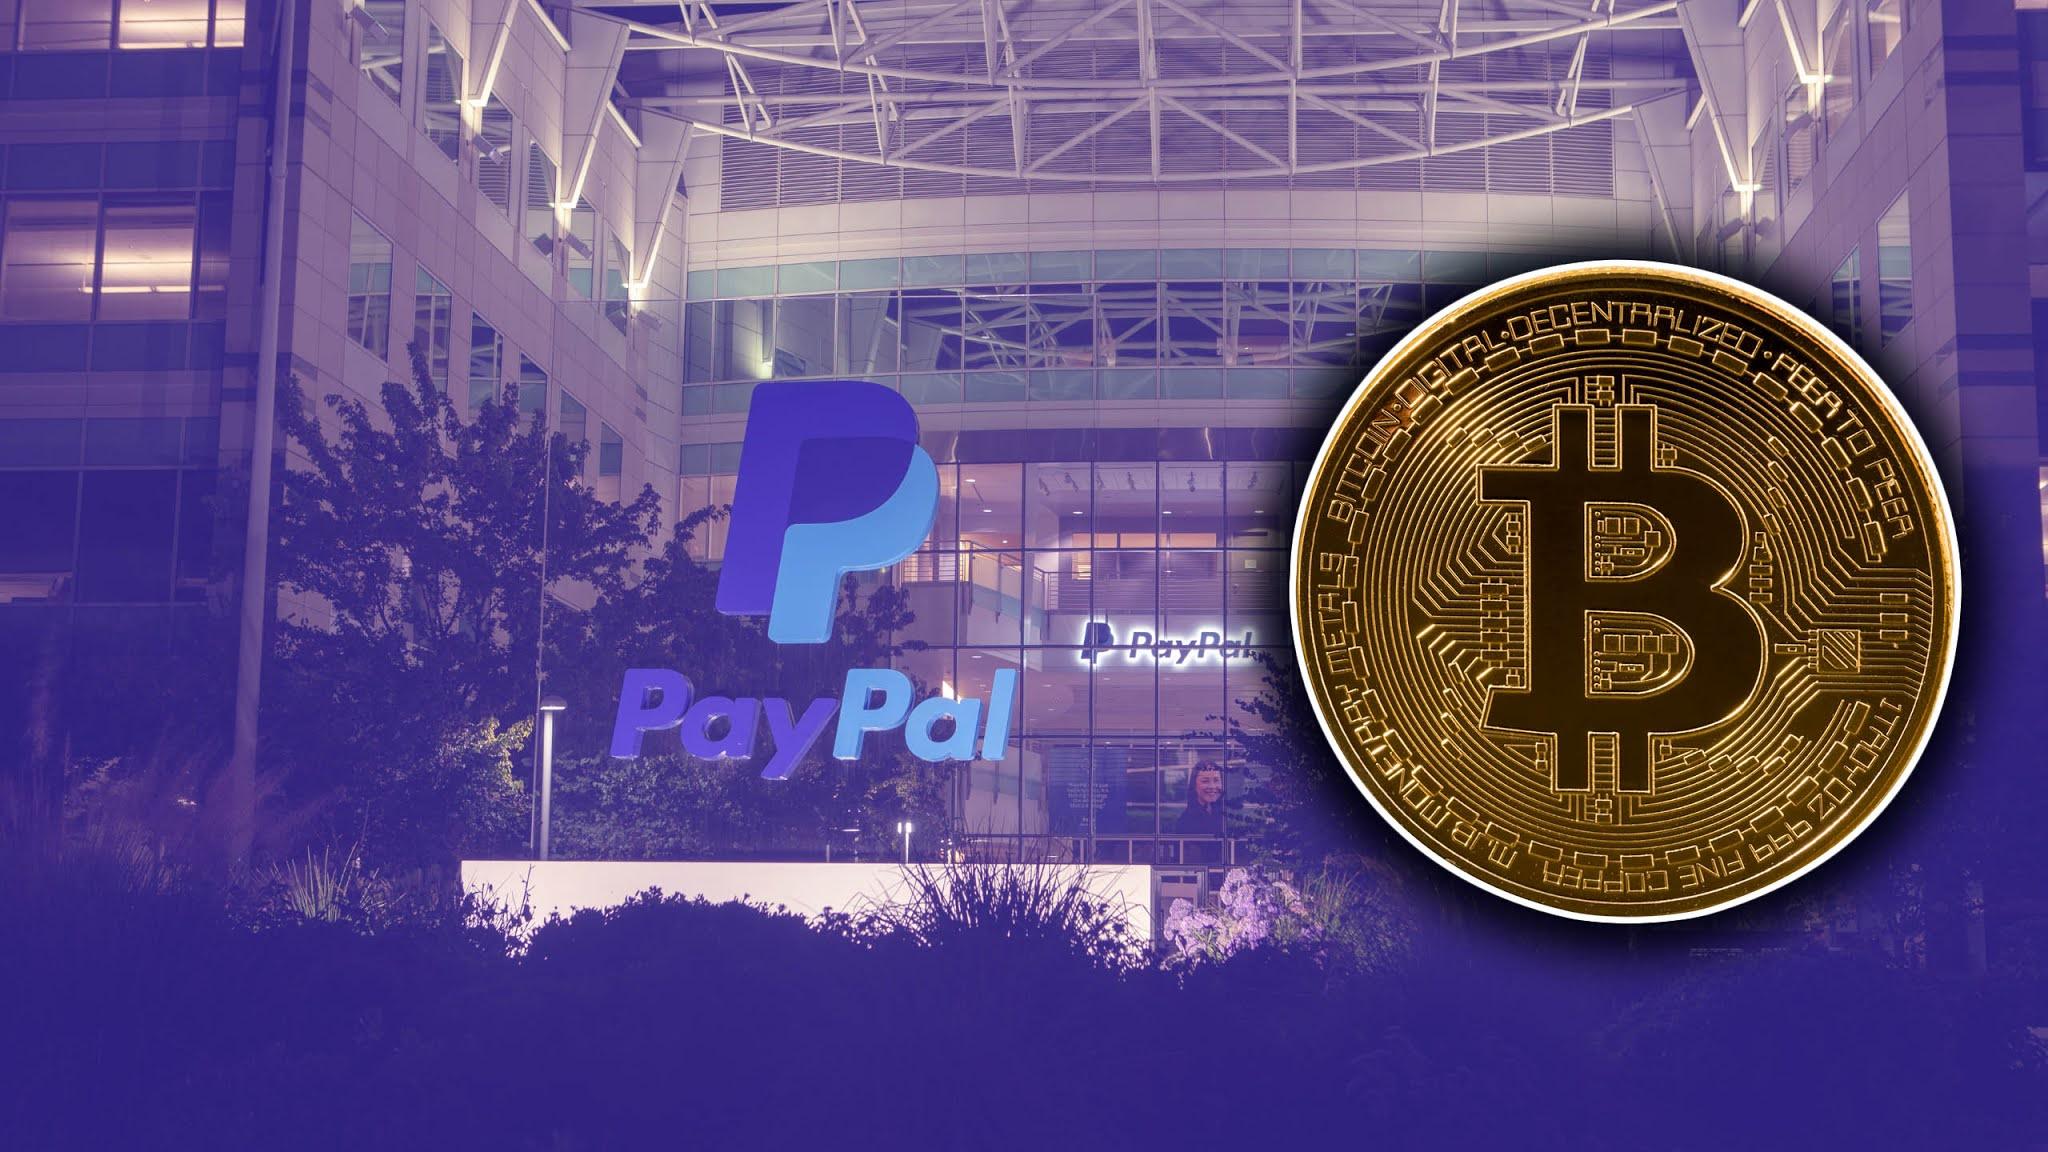 paypal kripto para uygulamasını duyurdu